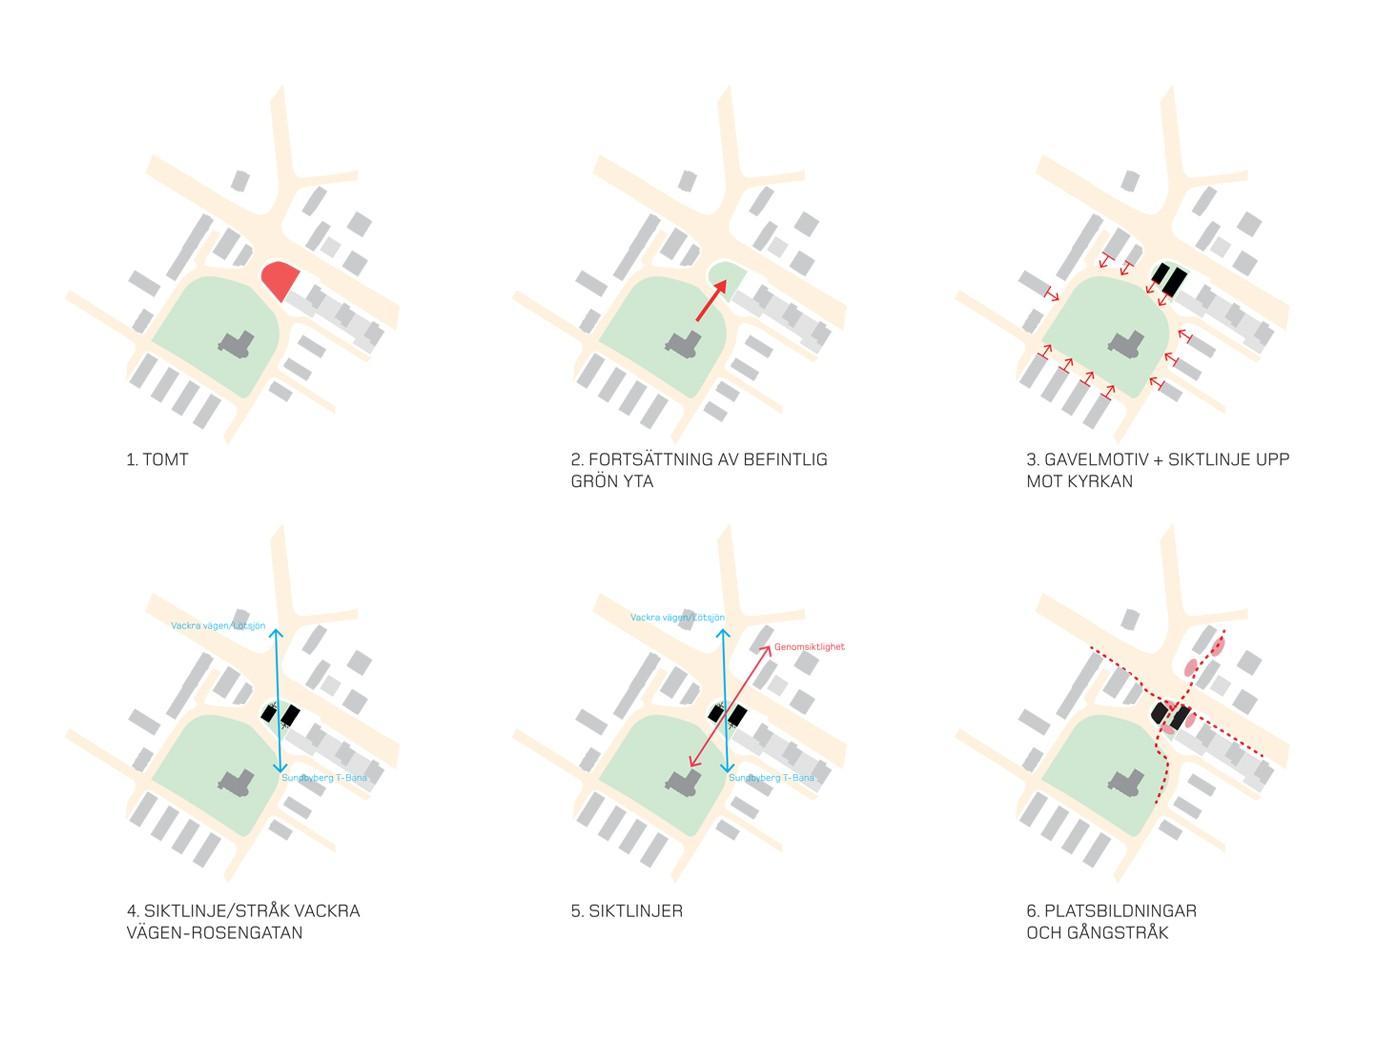 Sundbyberg_Helan_Halvan_a_ripellino_diagrams